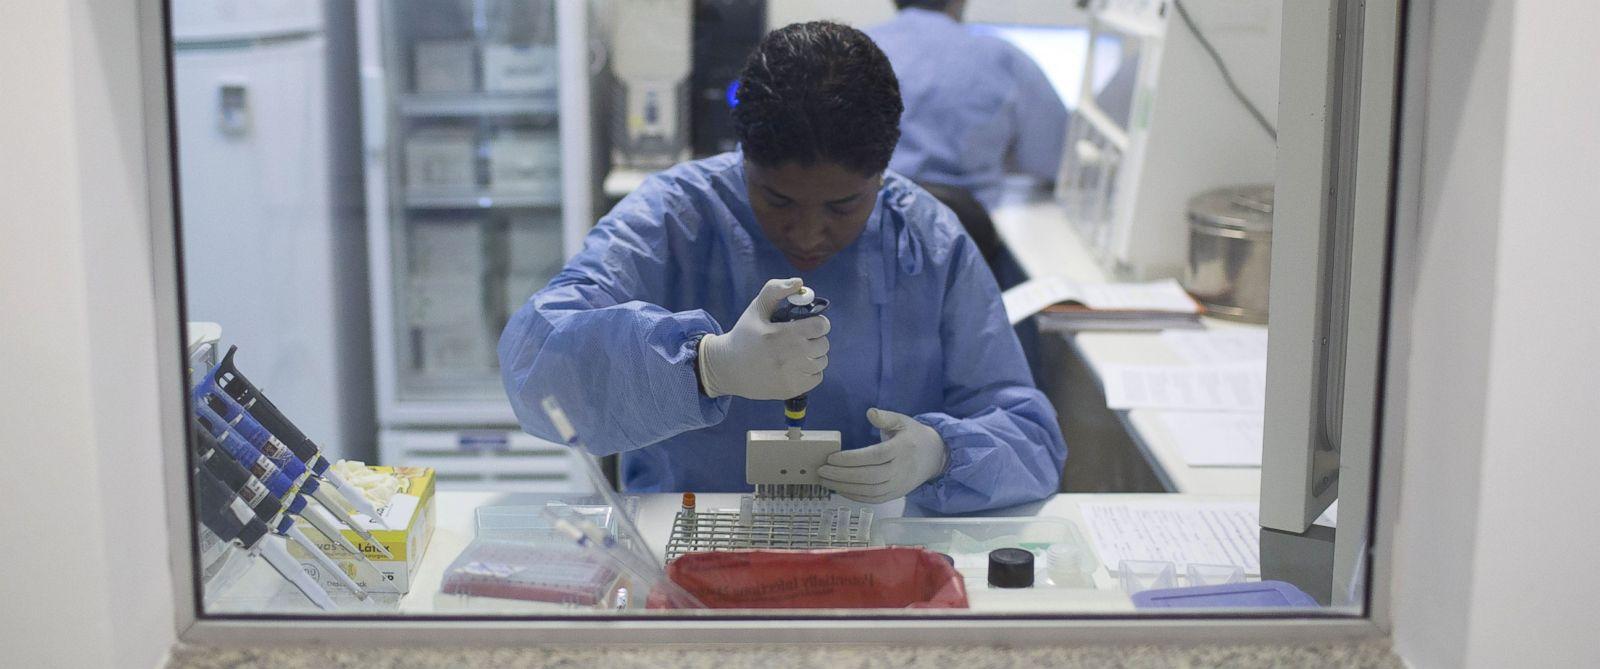 Six confirmed cases of Zika virus in Texas, dozens more across U.S.